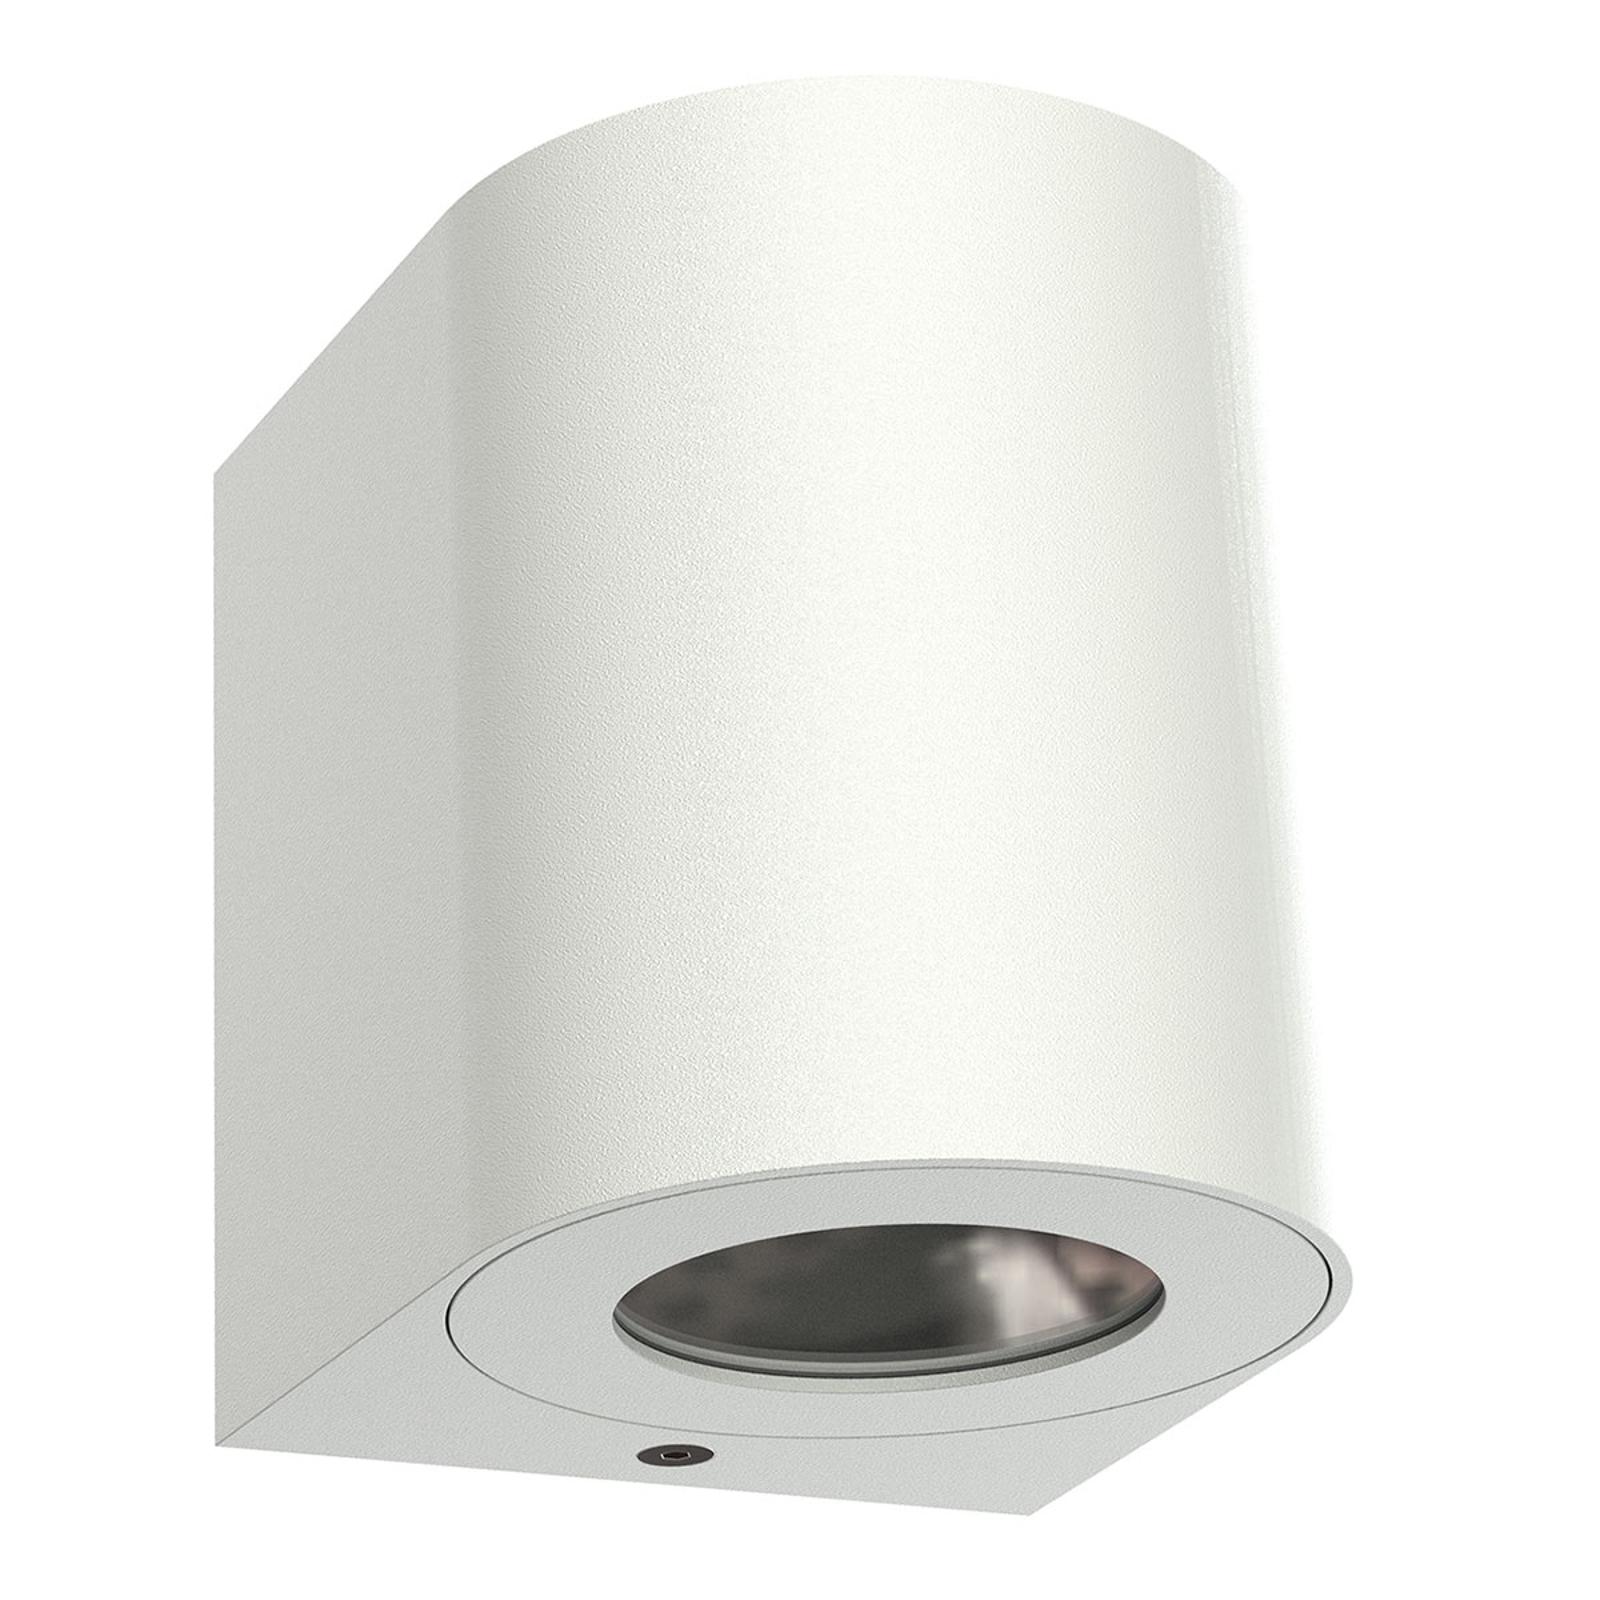 LED-Außenwandleuchte Canto 2, 10 cm, weiß